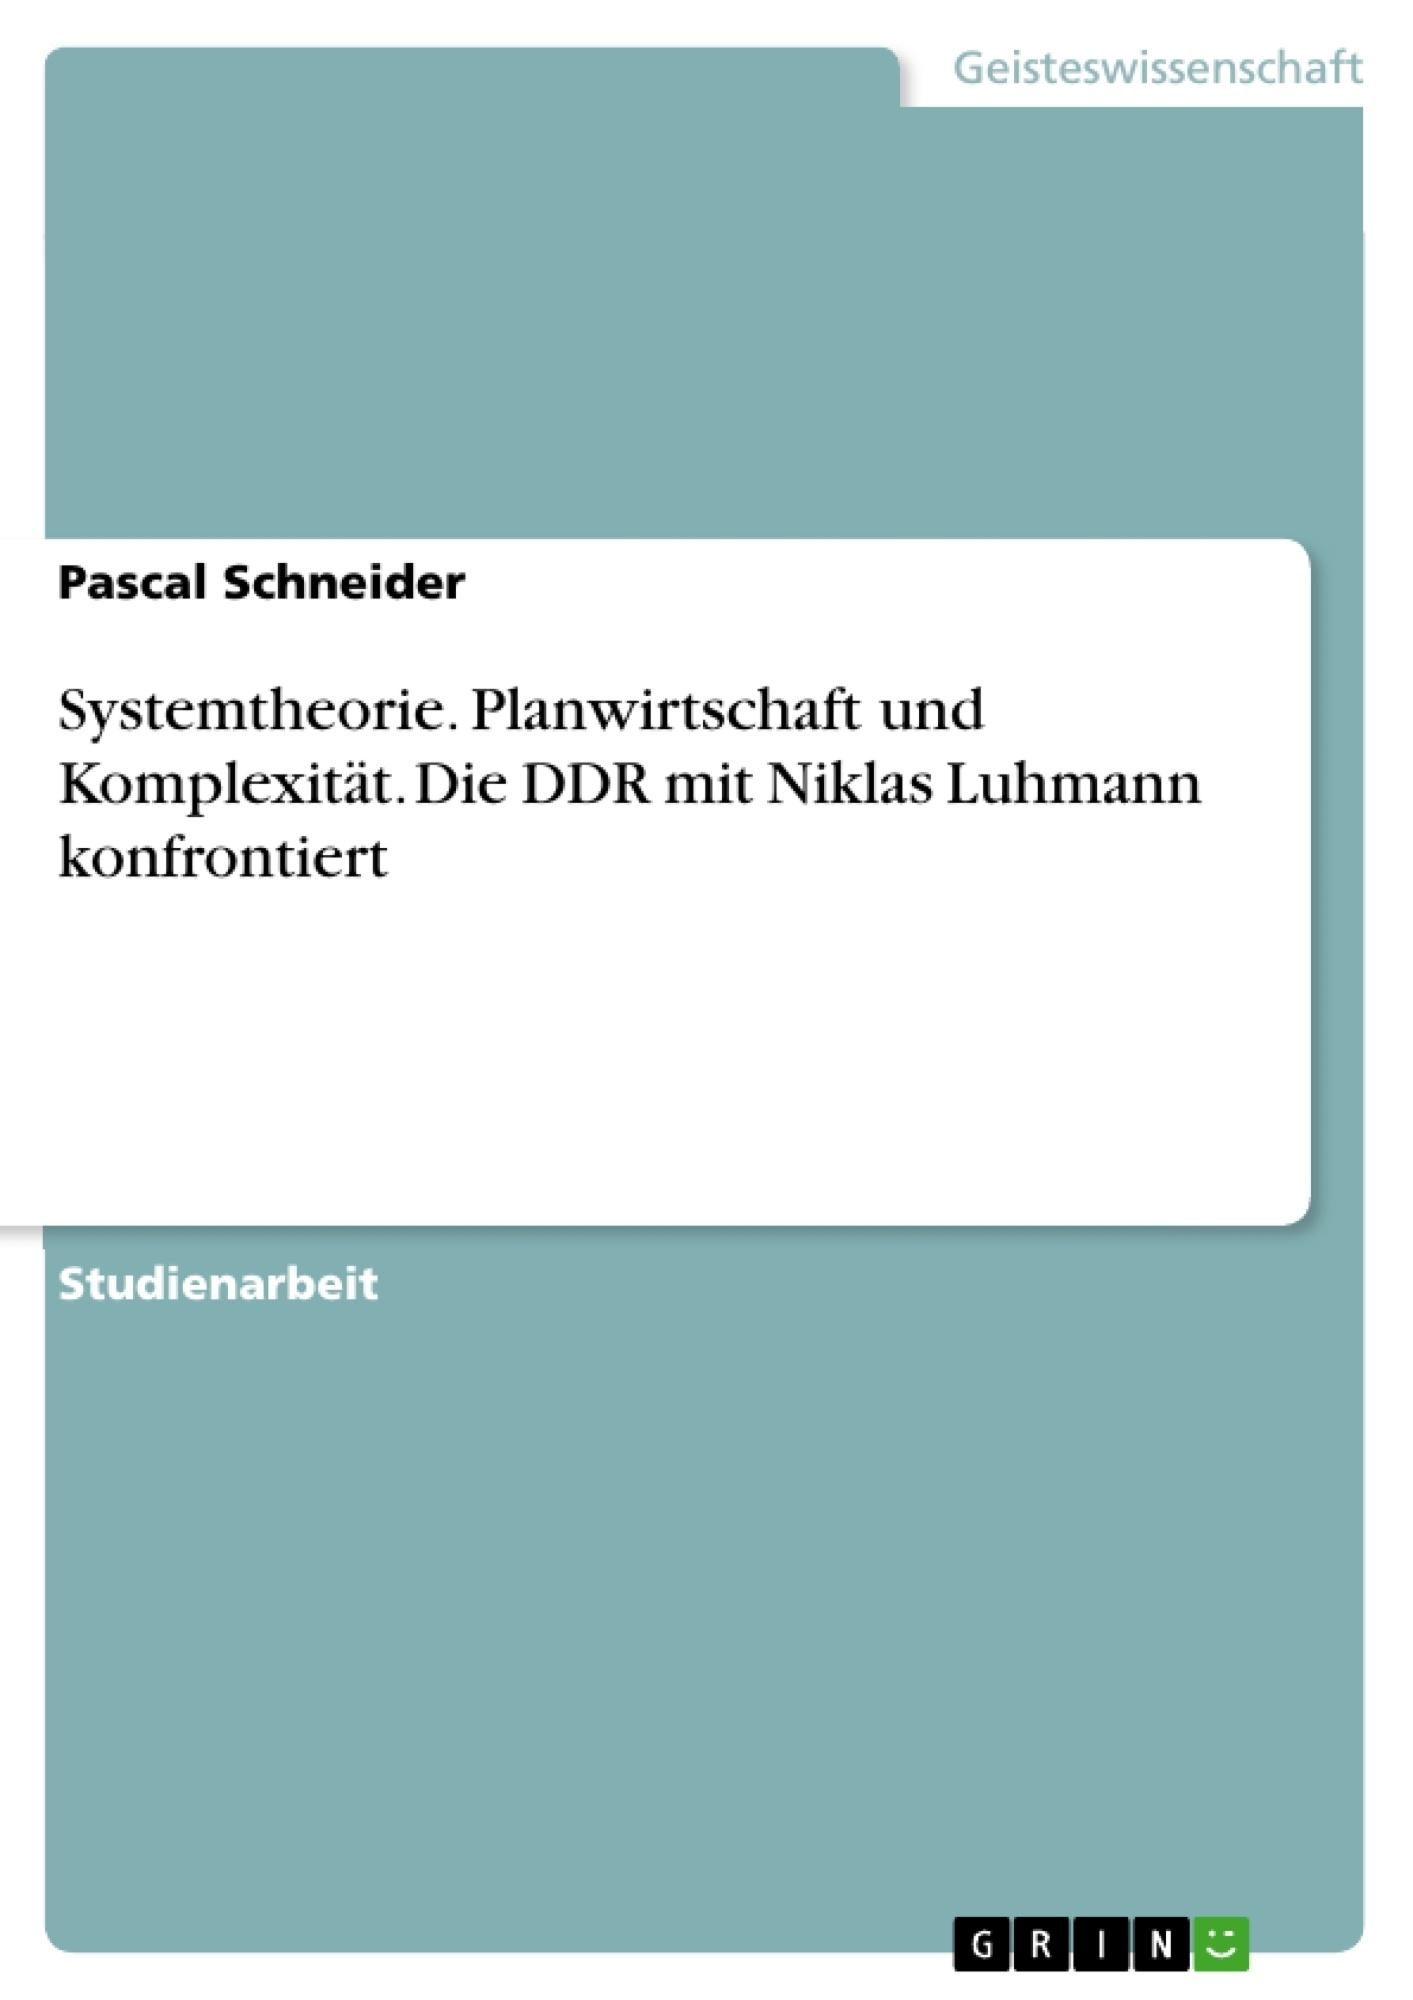 Titel: Systemtheorie. Planwirtschaft und Komplexität. Die DDR mit Niklas Luhmann konfrontiert